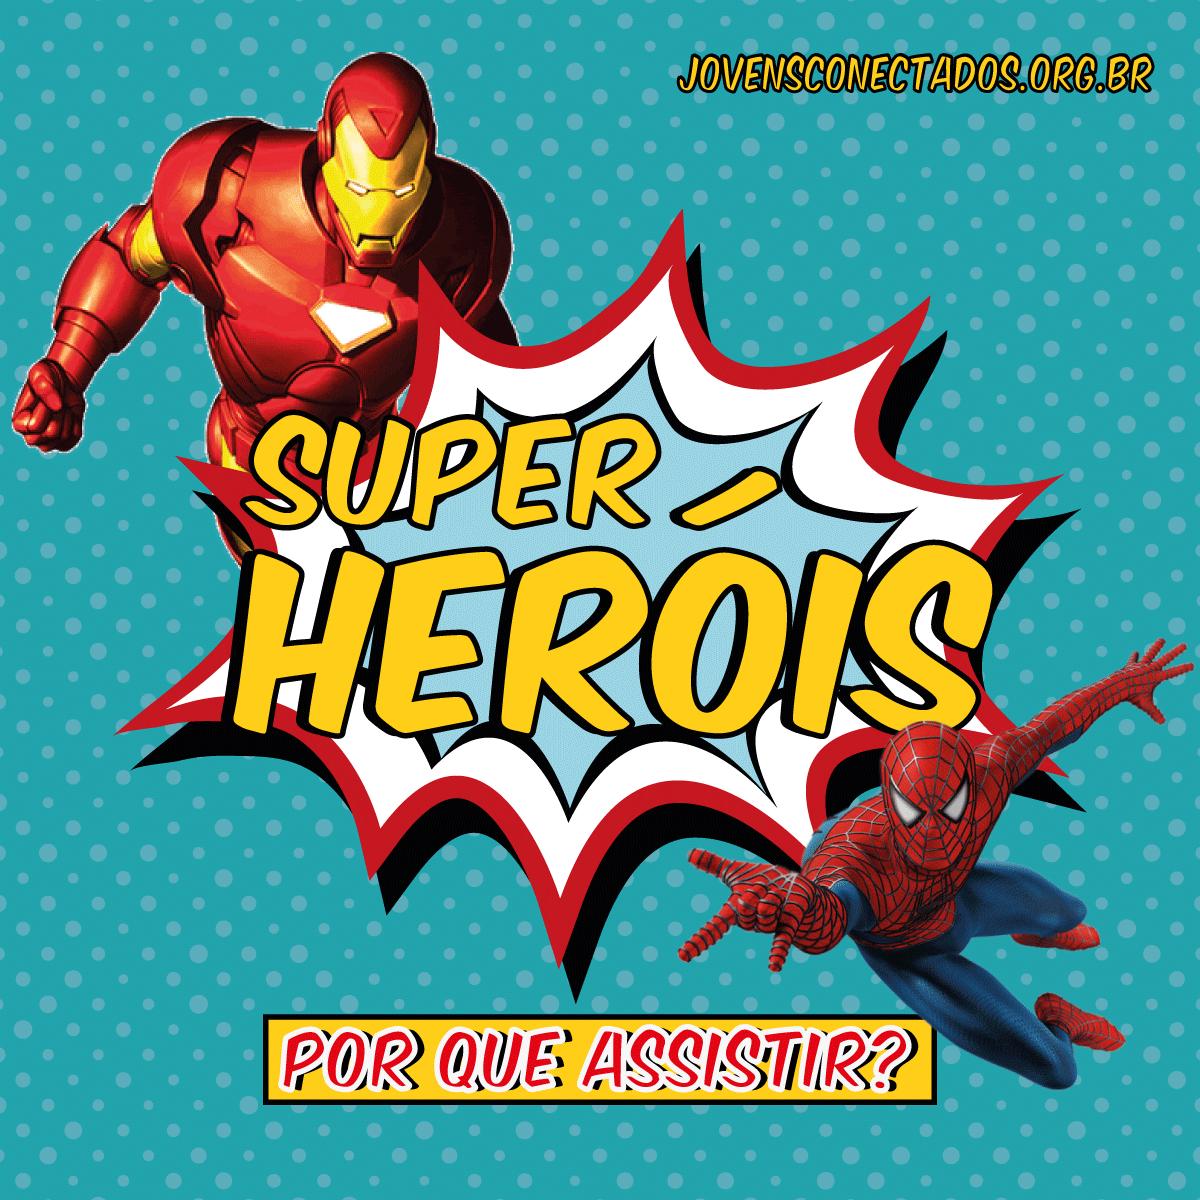 Filmes de heróis … por que assistir?